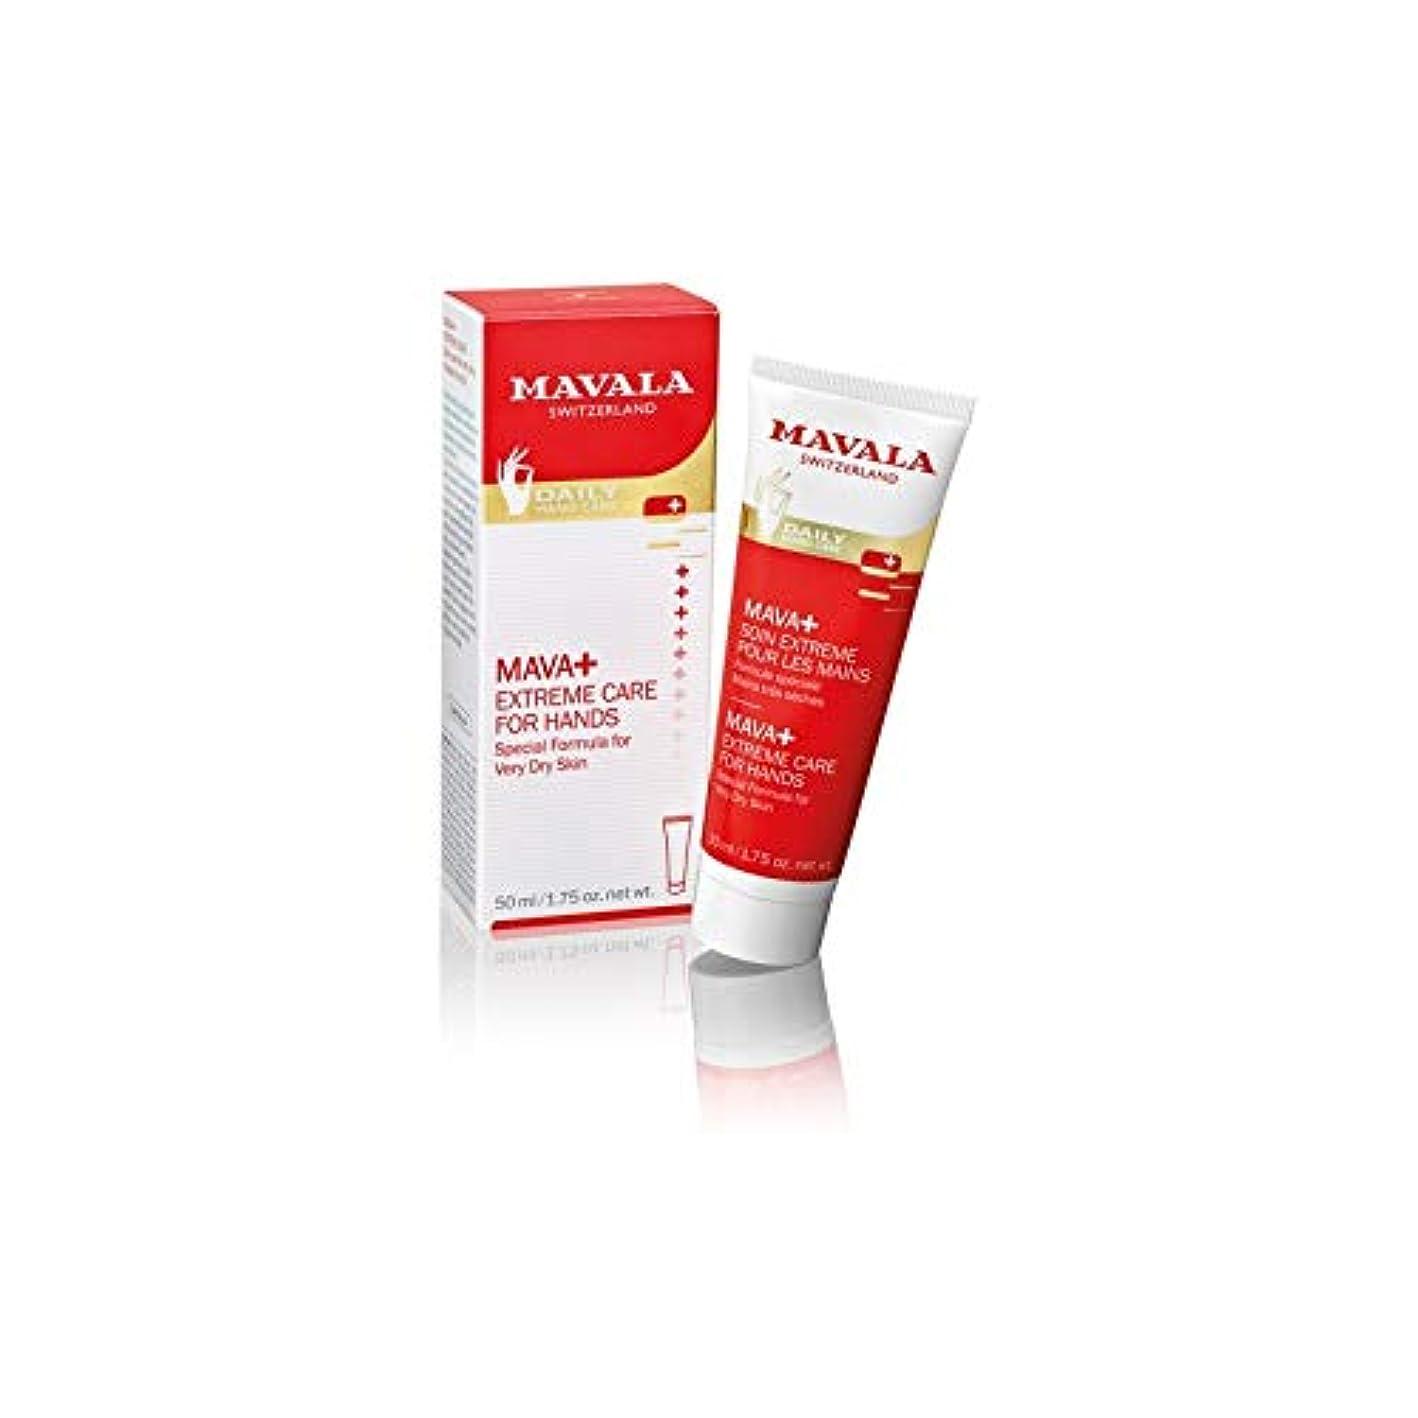 実装する移動バーガー[Mavala] マヴァラMavalaのMava +ハンドクリーム - 手のために細心の注意を払っ(50ミリリットル) - Mavala Mava+ Hand Cream - Extreme Care For Hands...